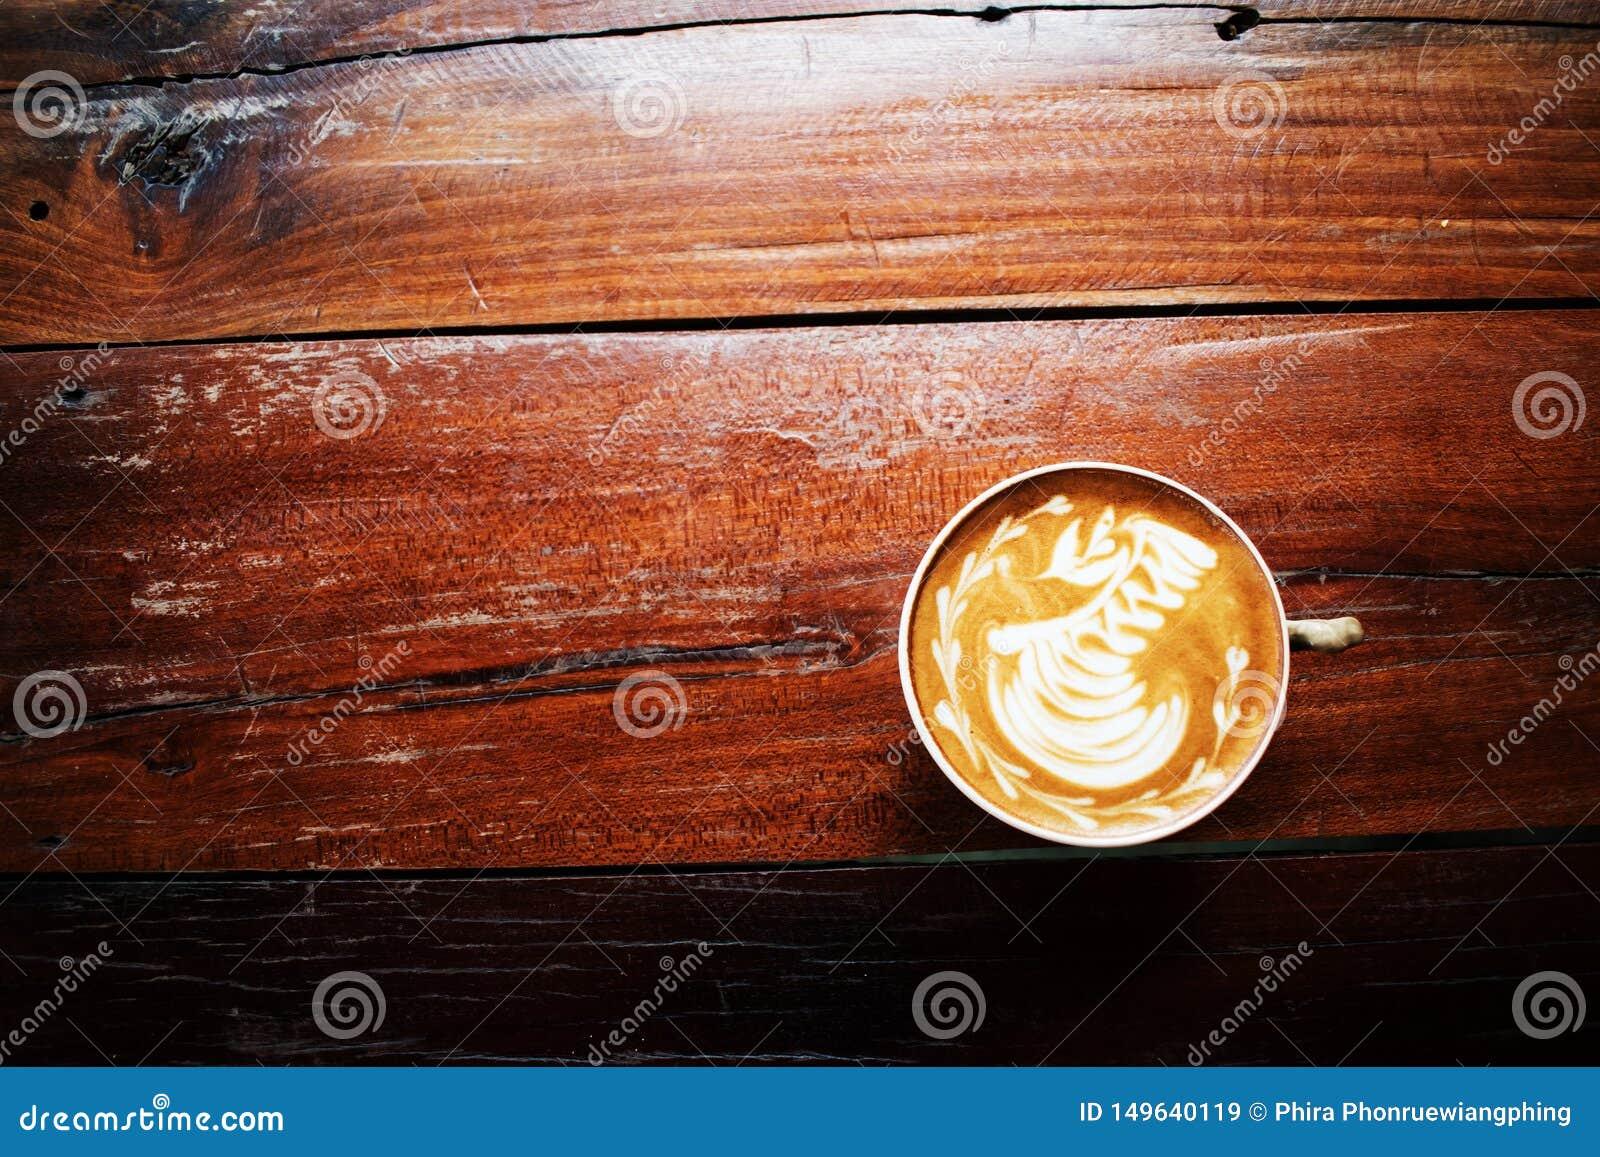 Fili?anka kawy na starym drewnianym stole sklep z kaw?, Tajlandia